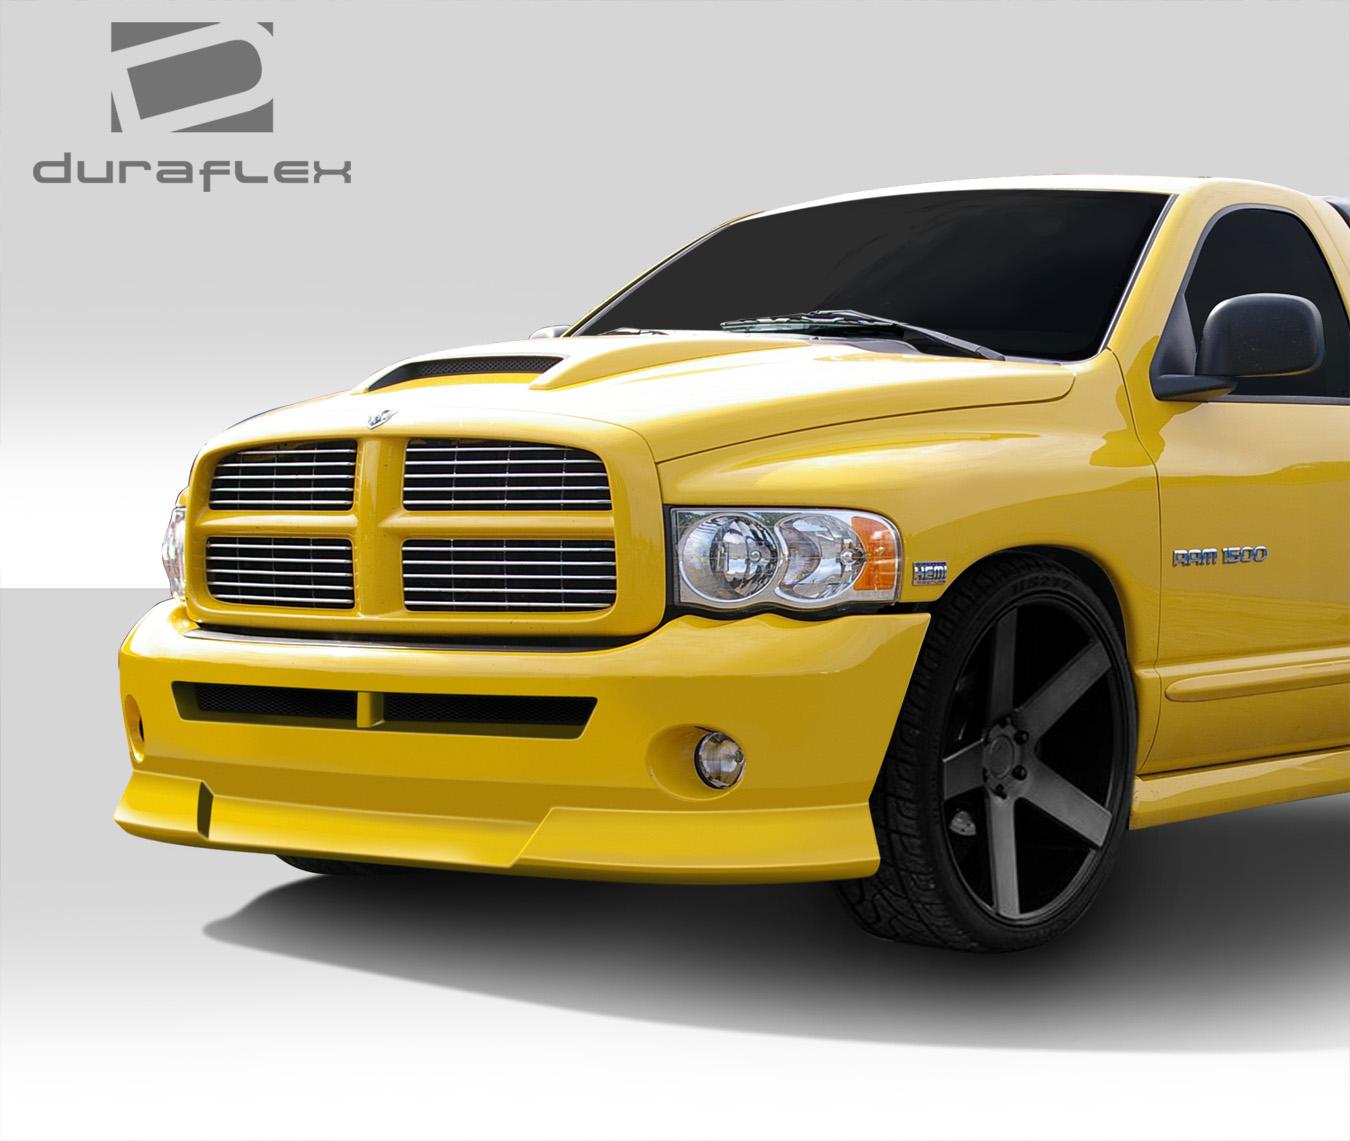 05 Dodge Ram: Duraflex 112003 BT-1 Front Bumper Cover